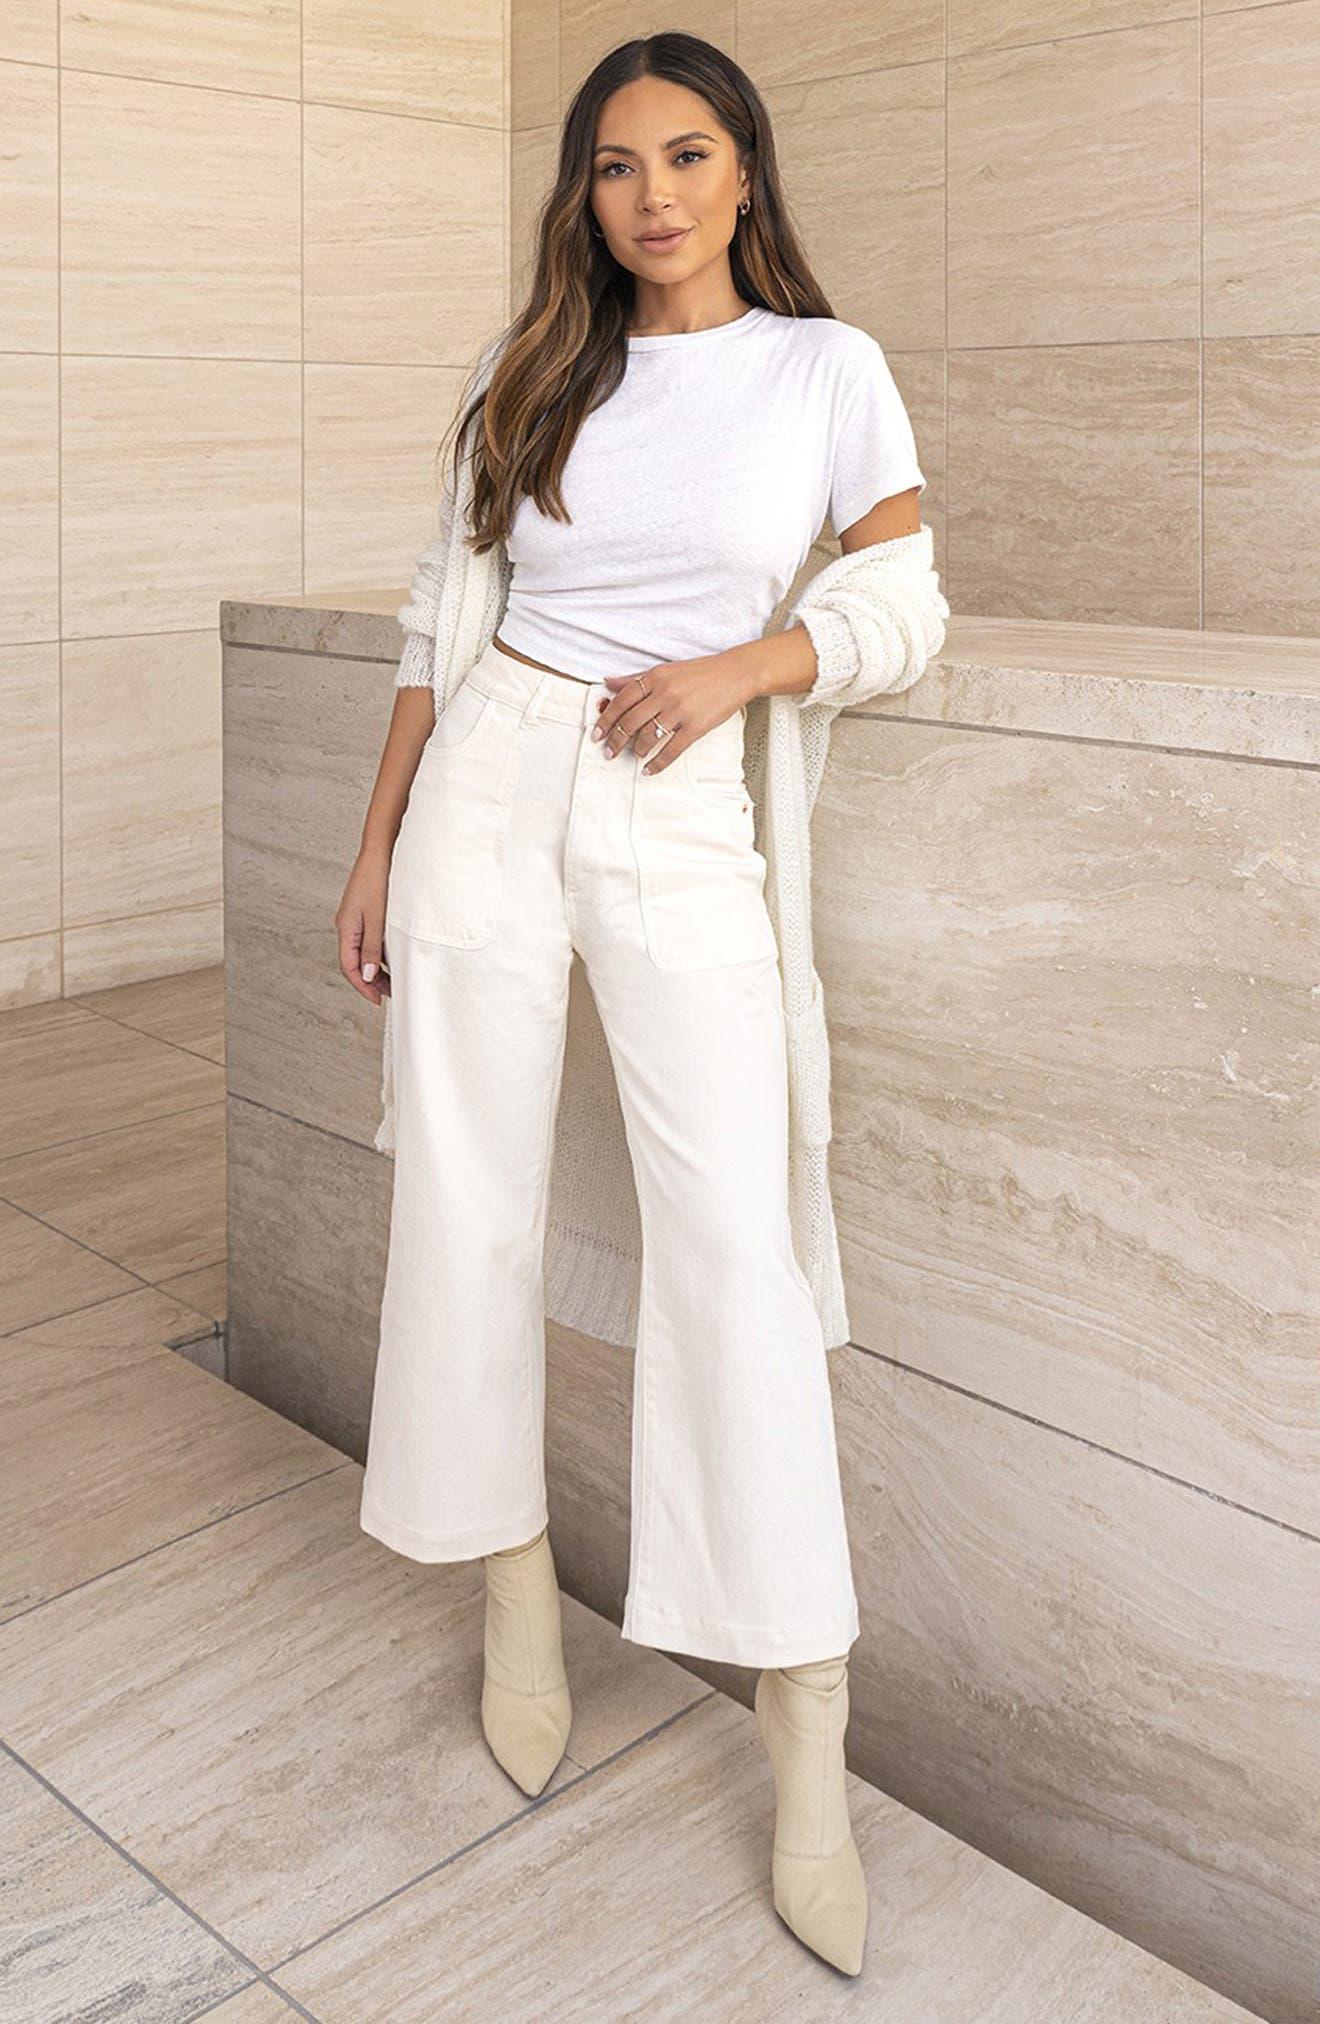 DL1961 x Marianna Hewitt Hepburn High Waist Wide Leg Jeans (Sutter)